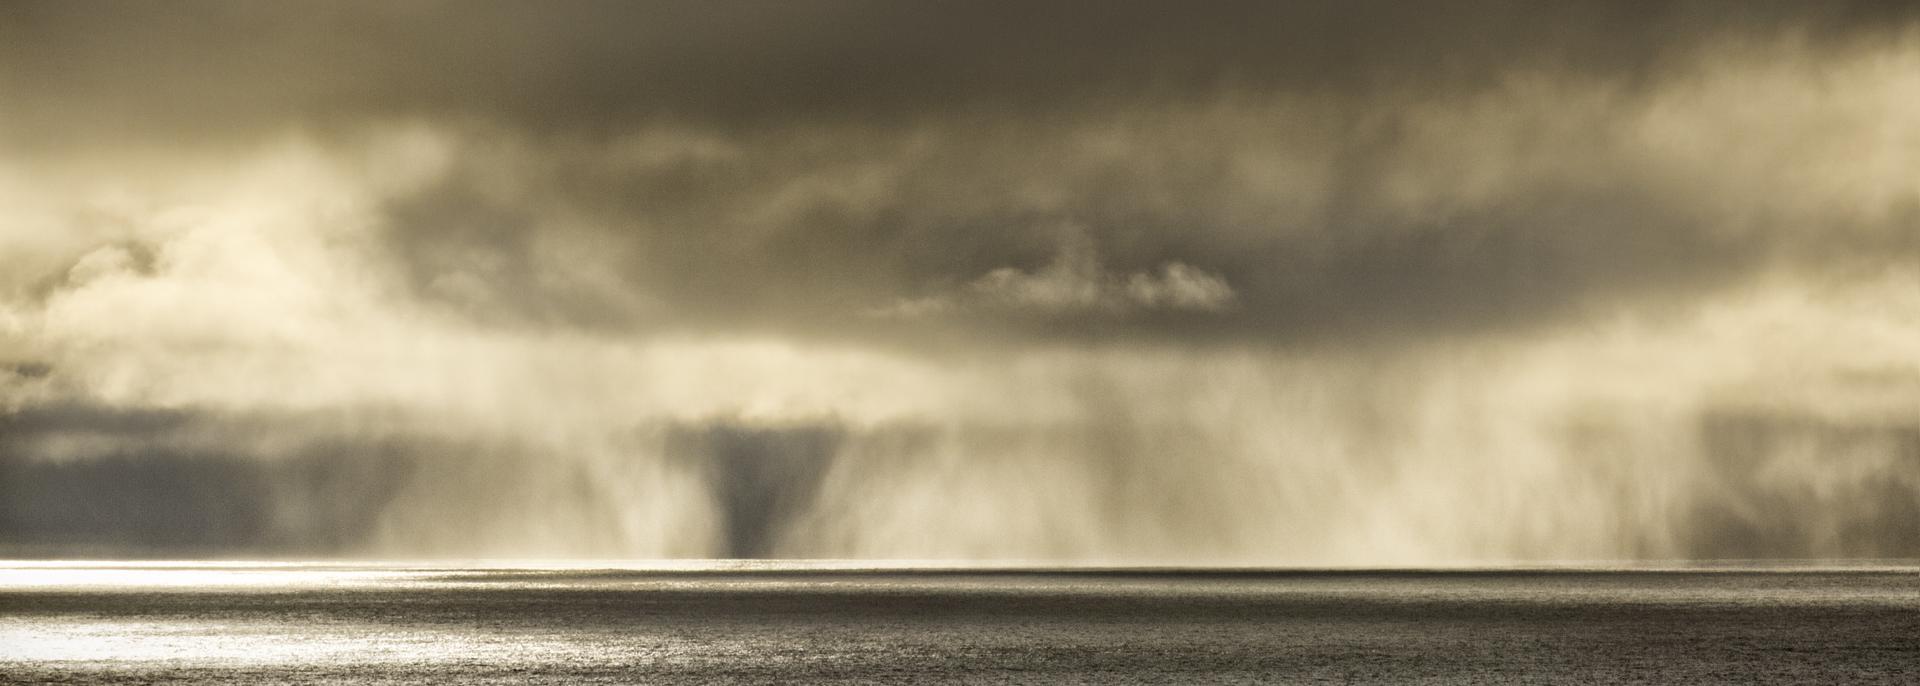 Rain out at Sea